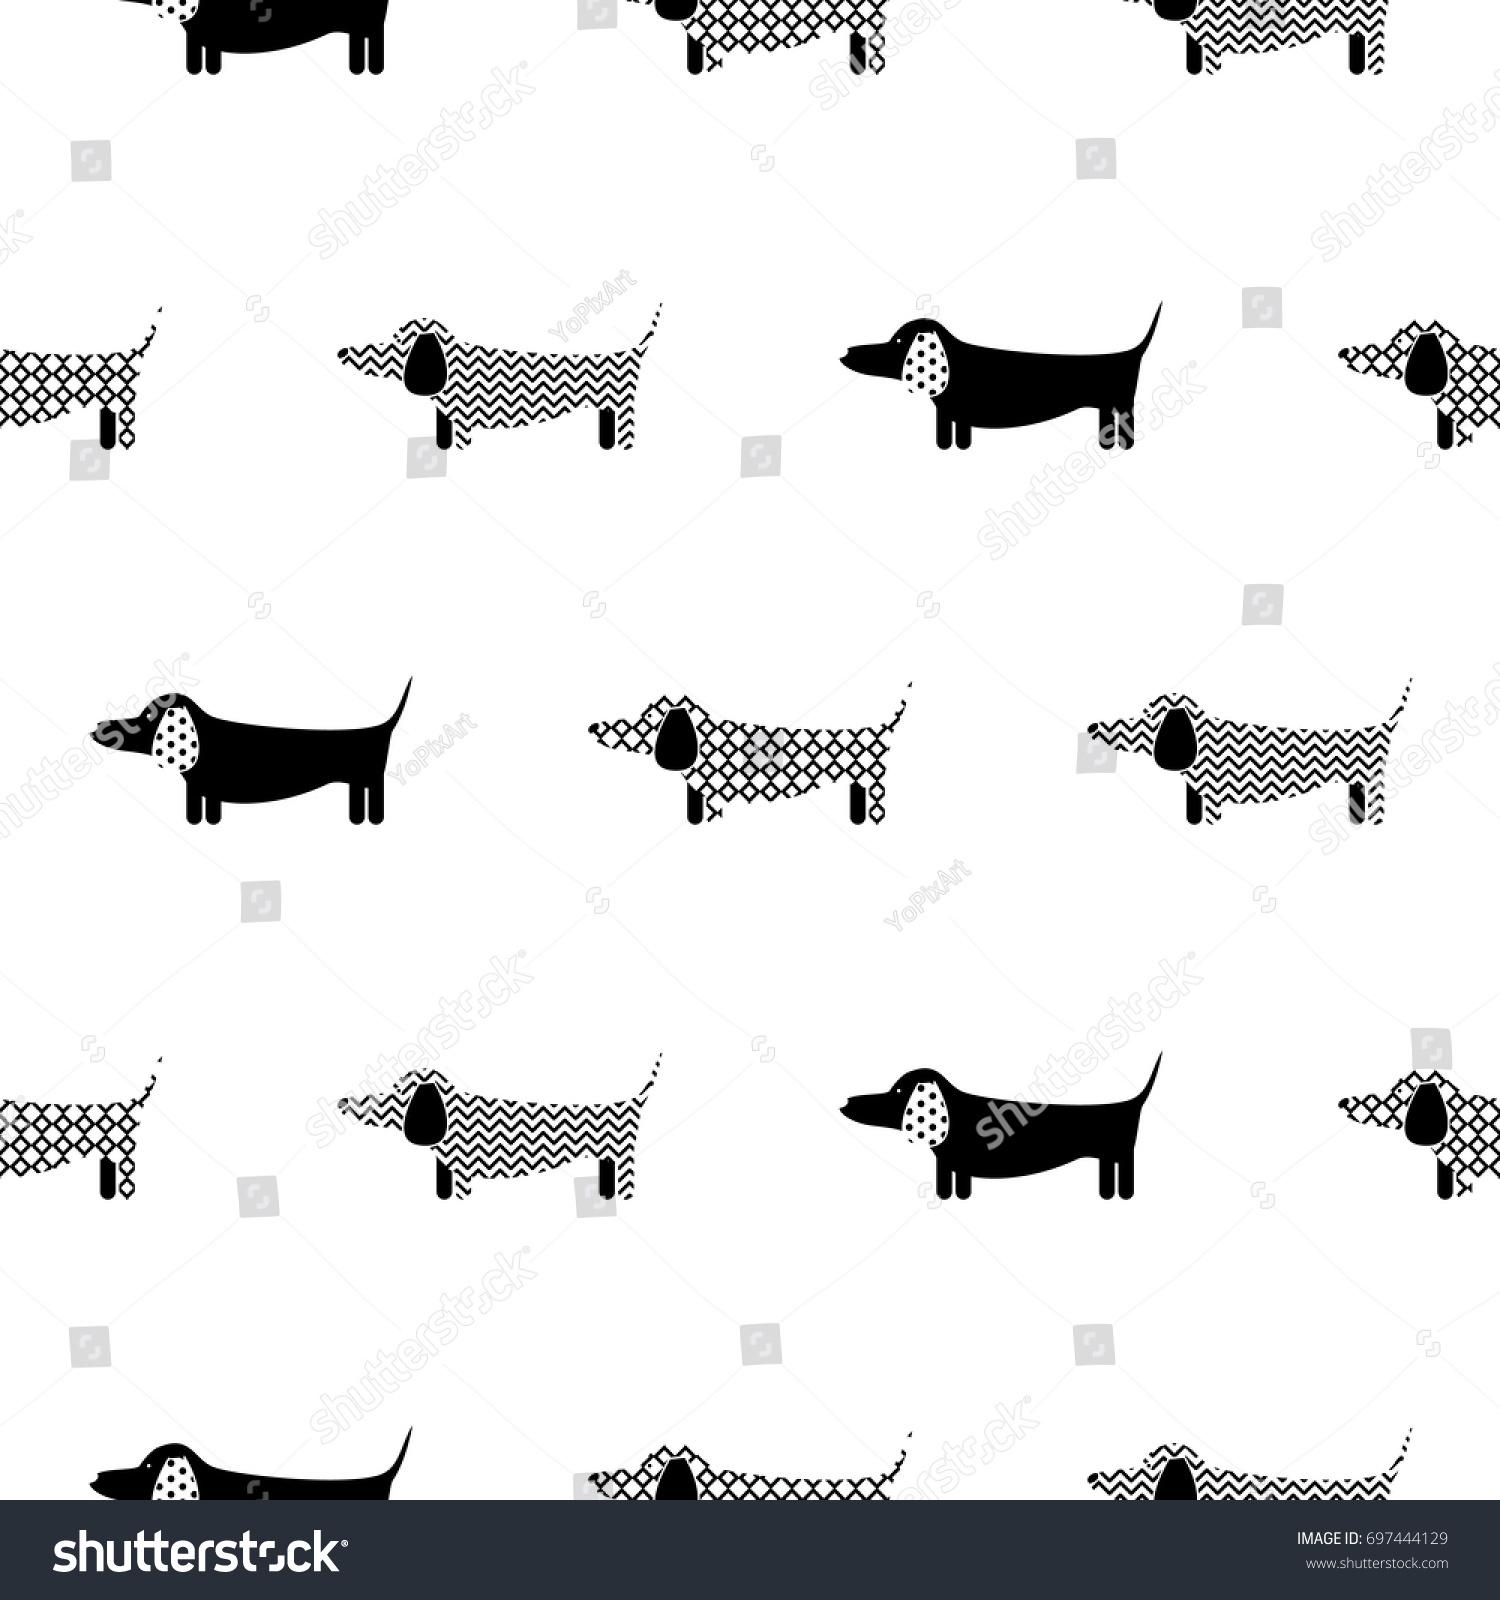 ドイツの狸のシルエットシームレスなベクター画像モノクロパターン